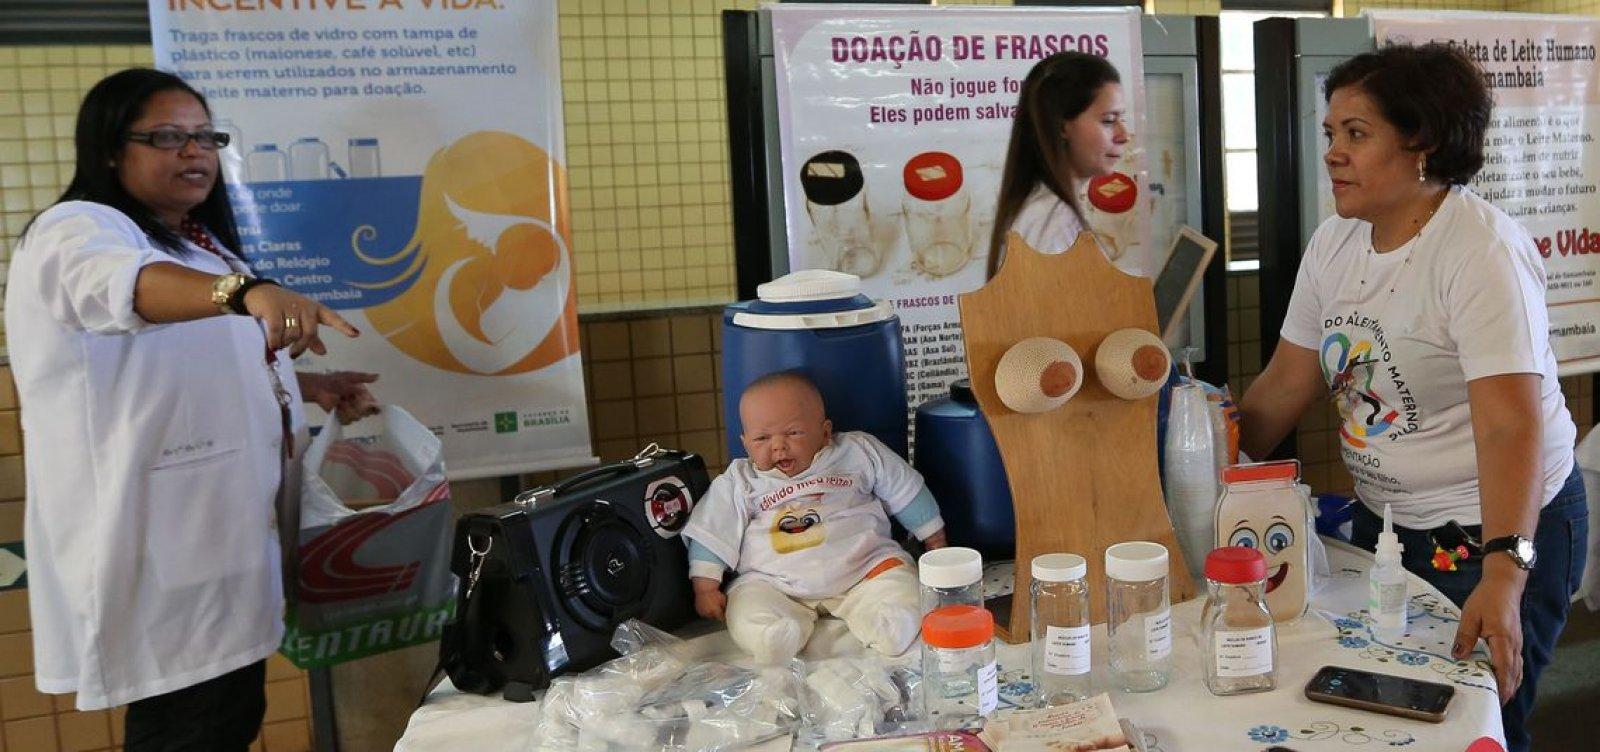 Brasil exporta experiência com bancos de leite para países lusófonos